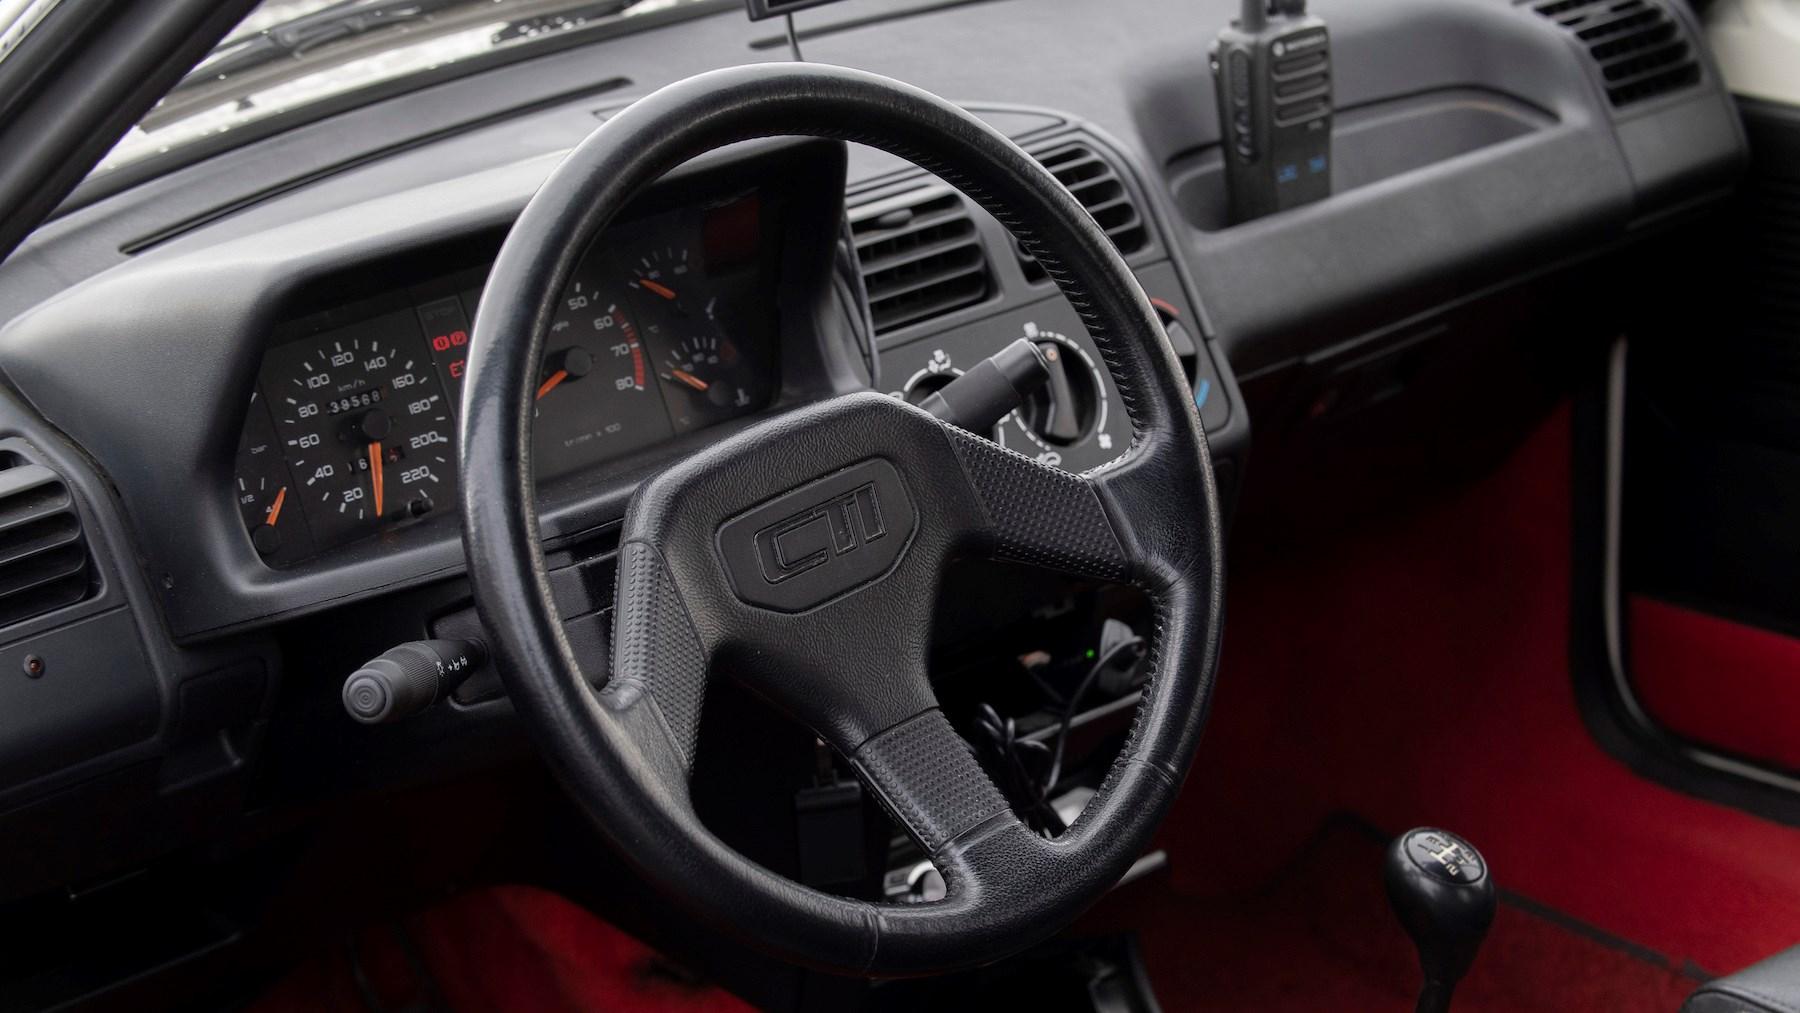 Peugeot 205 CTI interior